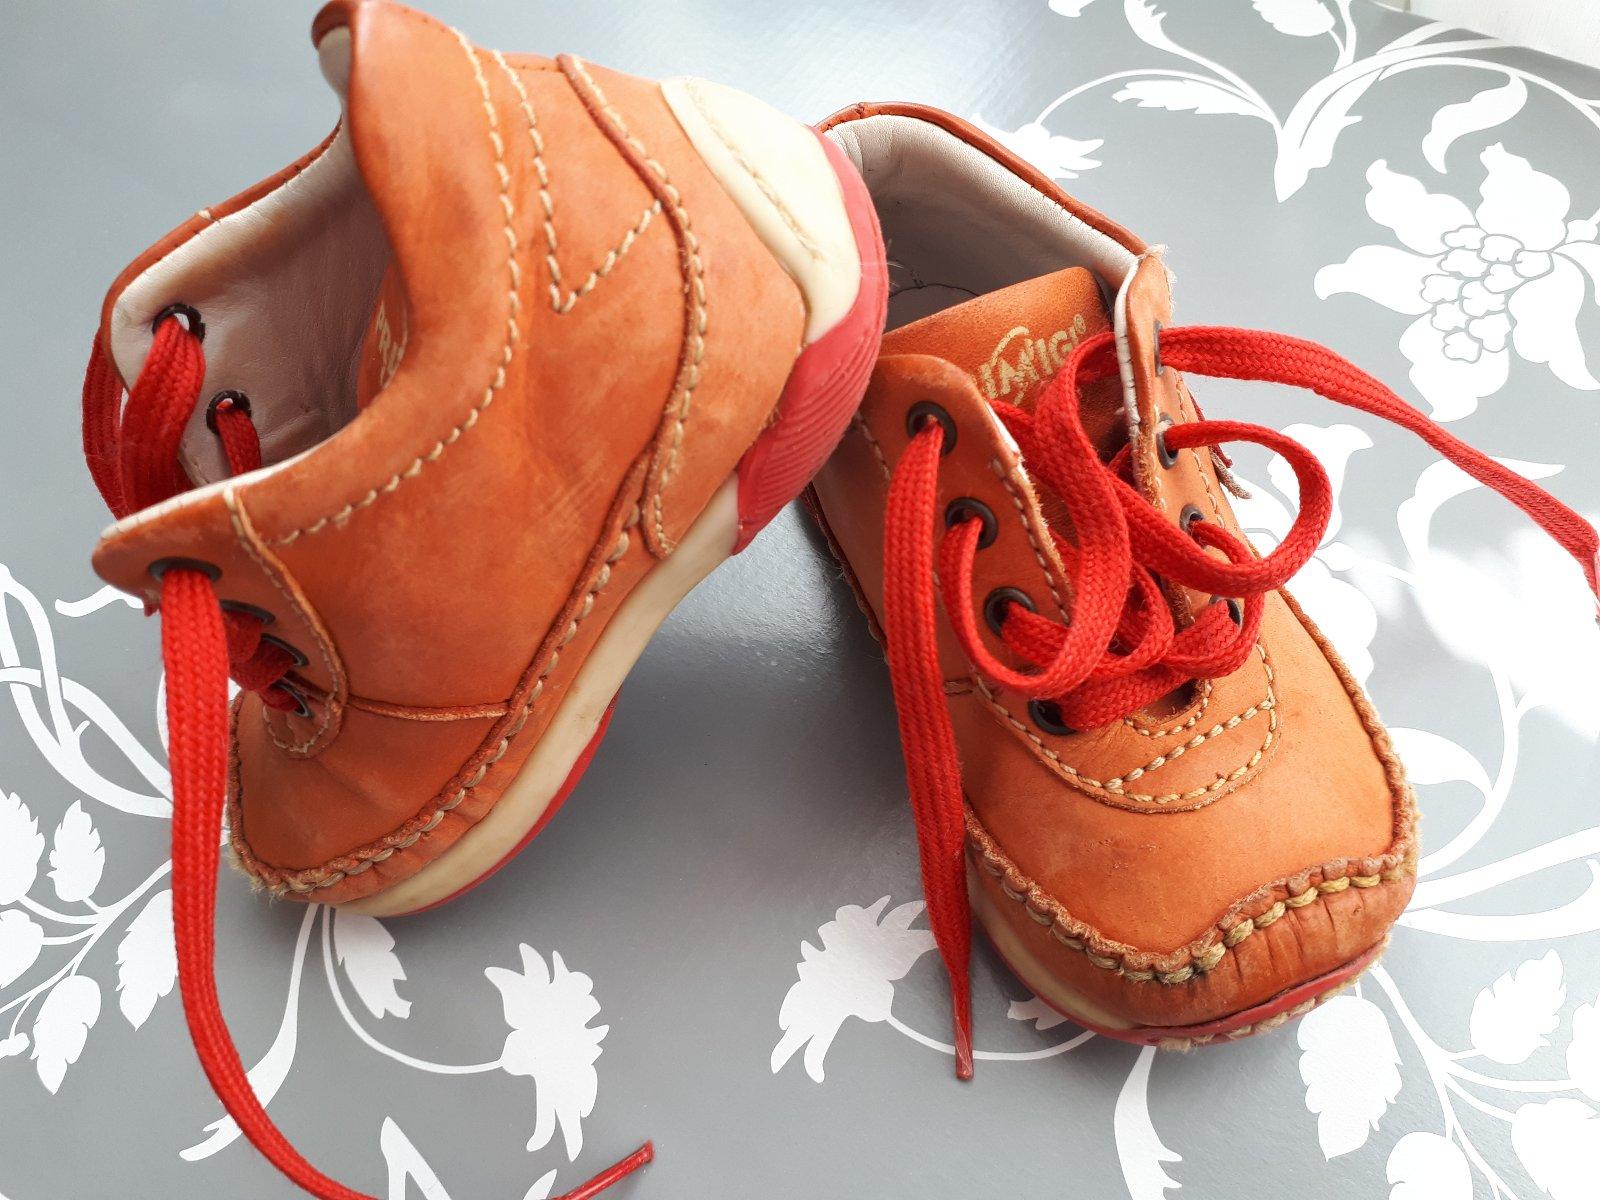 6c87849e30275 Topánky prigimi - kožené, primigi,21 - 5 € od predávajúcej siska018 | Detský  bazár | ModryKonik.sk